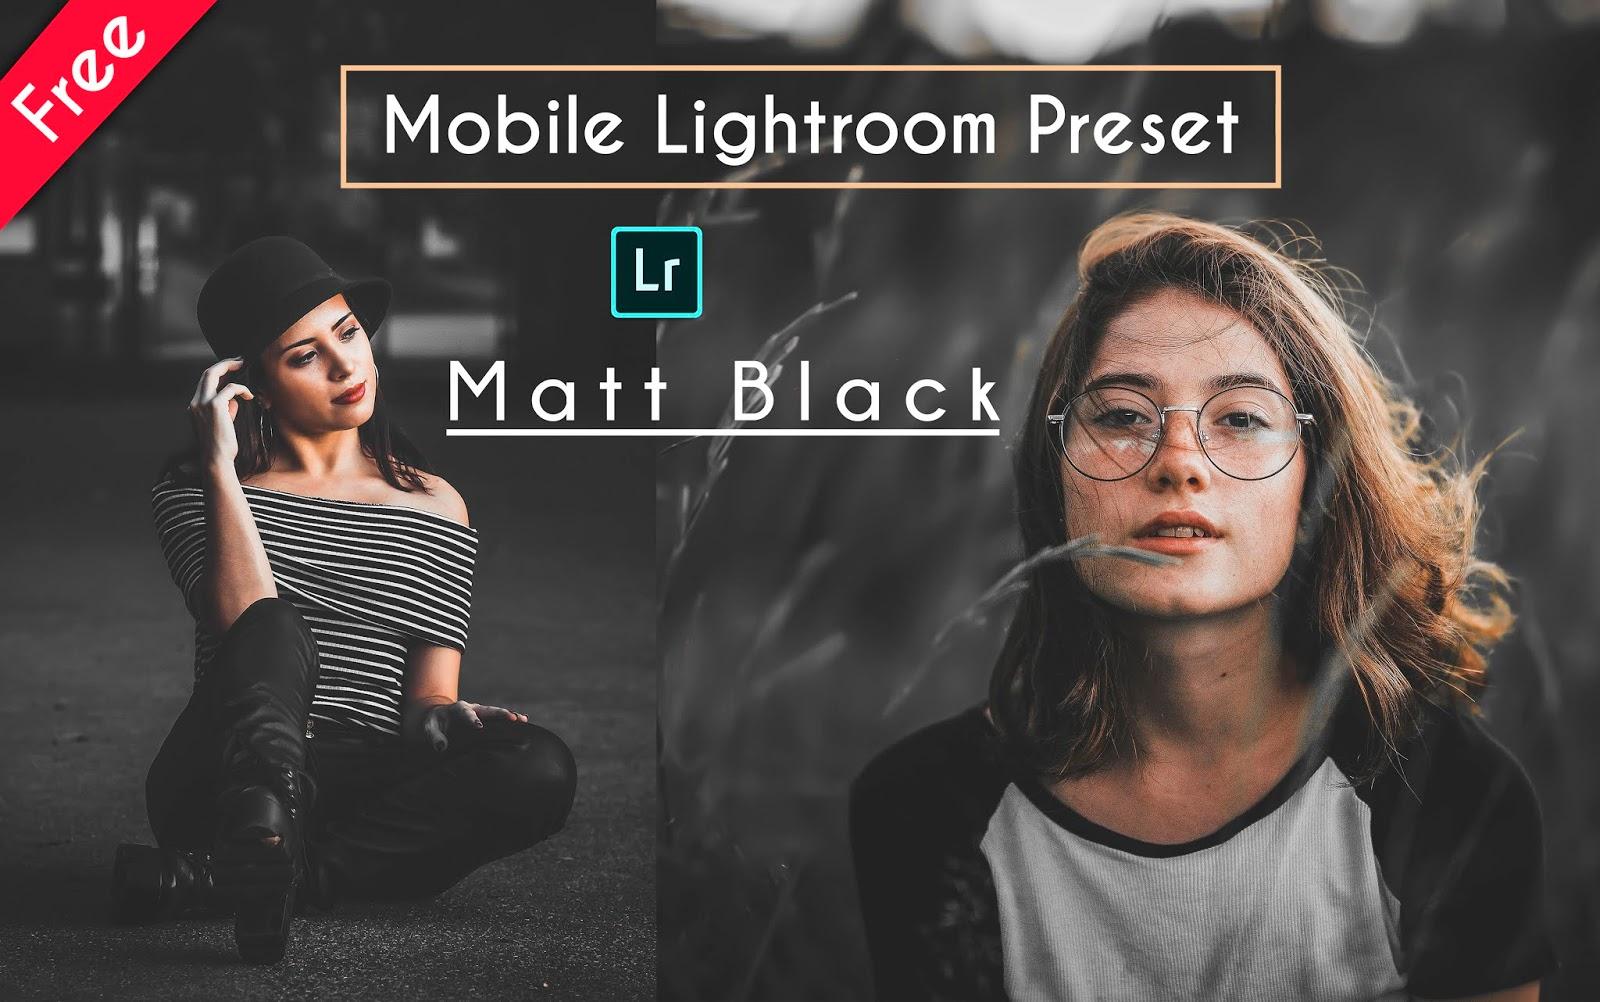 Download Matt Black Mobile Lightroom Preset for Free | How to Edit Moody Matt Black Mobile Lightroom Preset